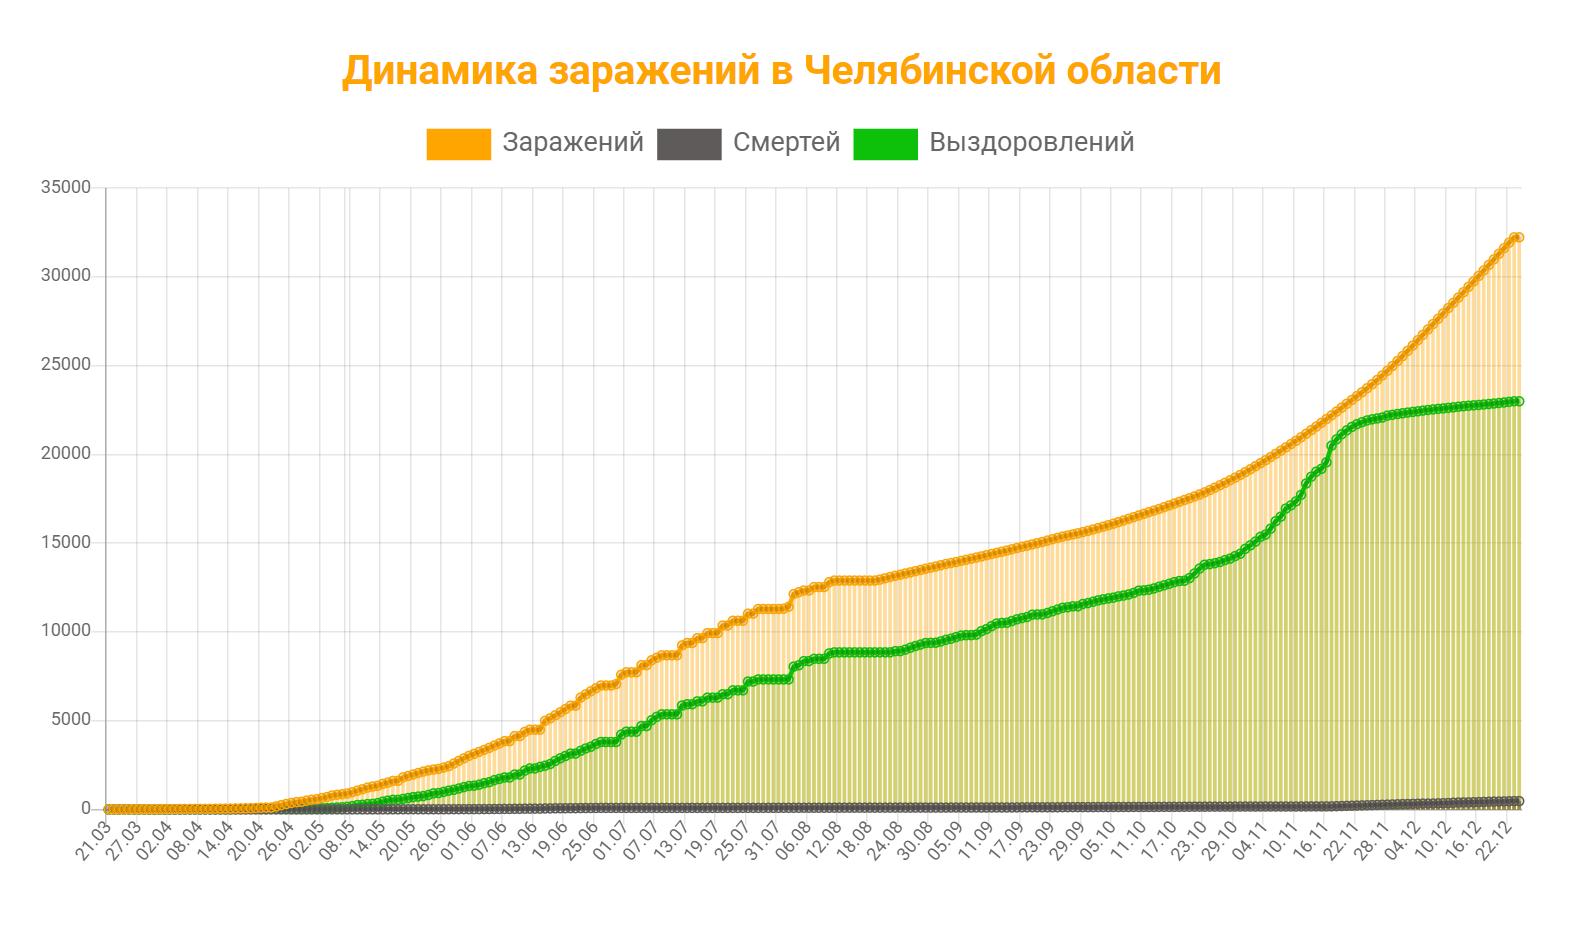 15 жертв COVID и 311 новых случаев зарегистрированы в Челябинской области за сутки